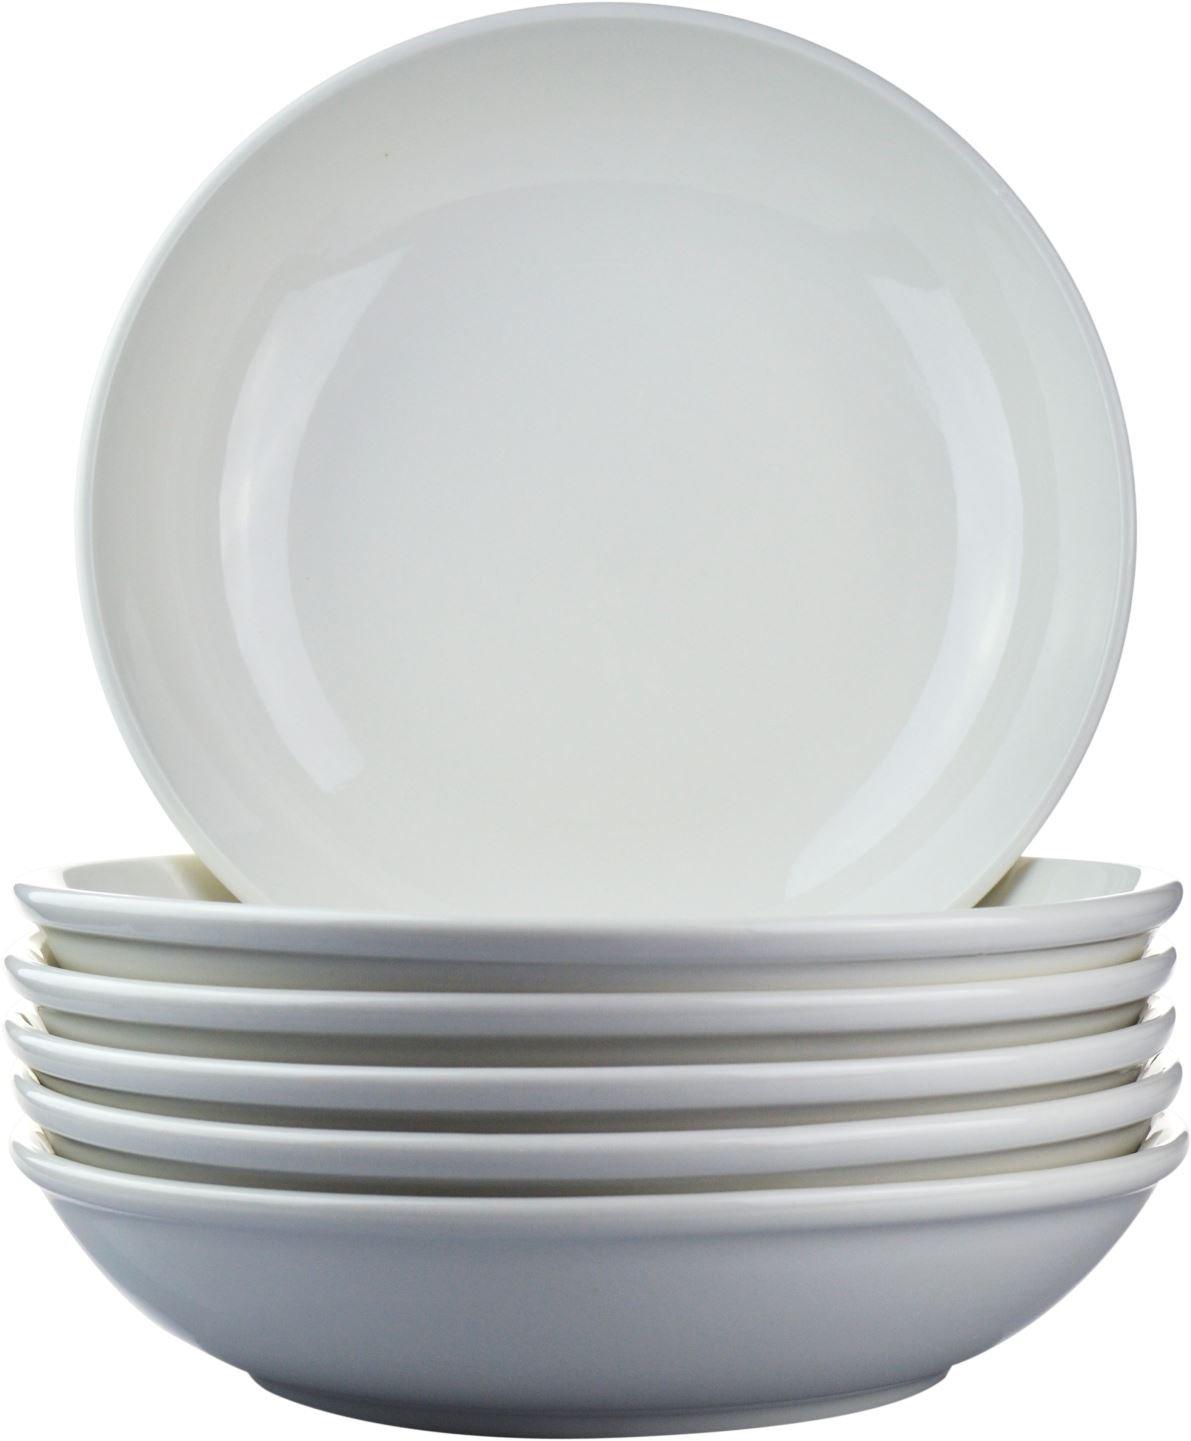 Argon Tableware Pasta Bowls - 25.5cm (10